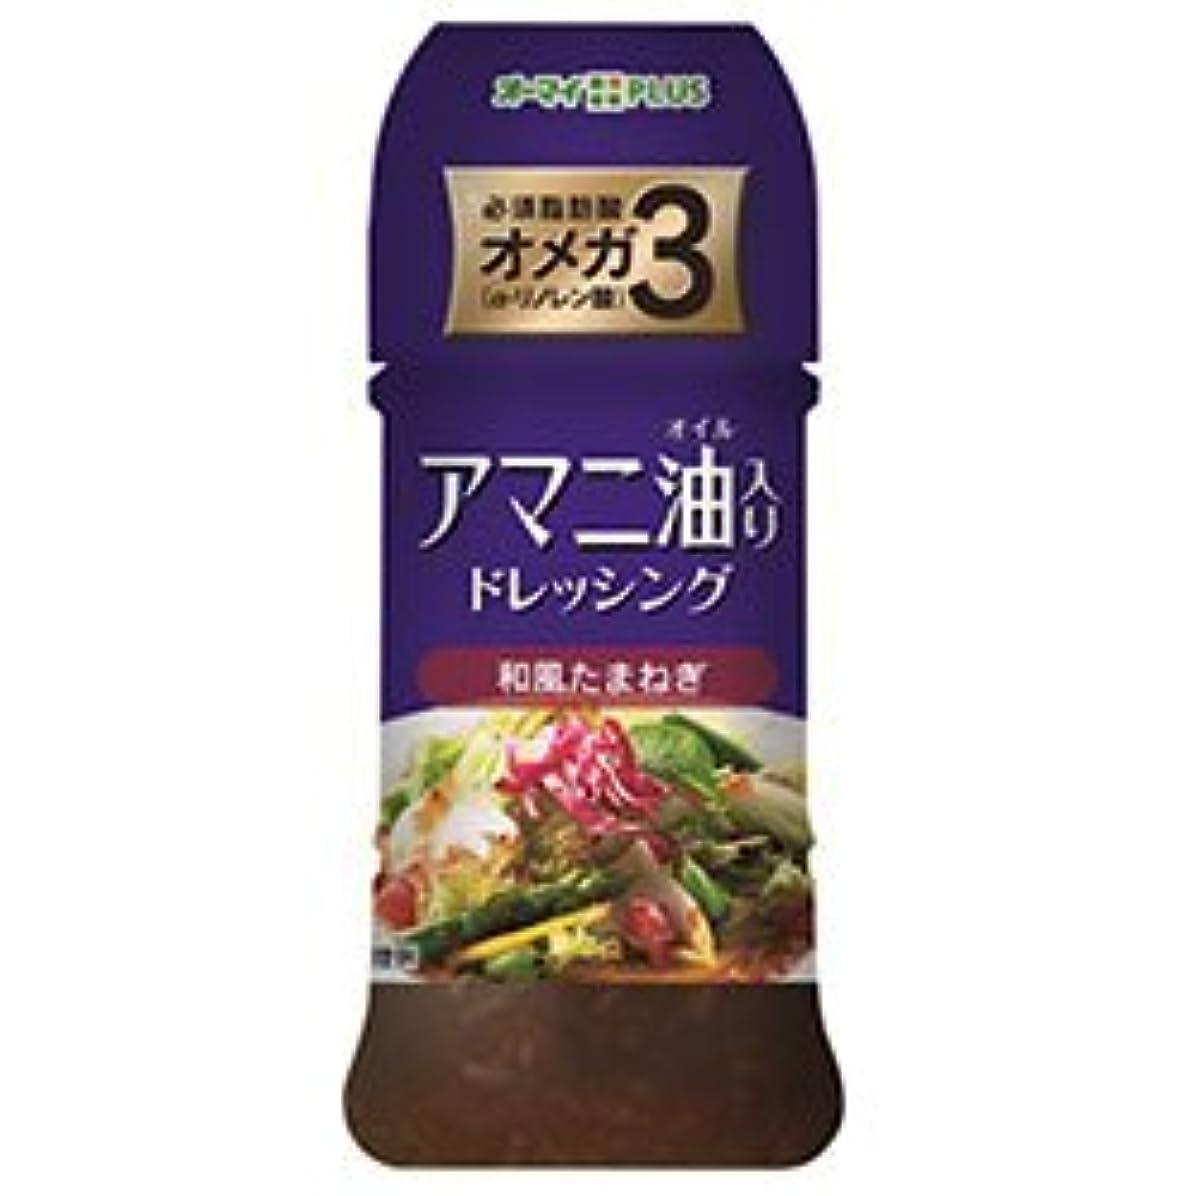 軽量その間実際の日本製粉 オーマイプラス アマニ油入りドレッシング 和風たまねぎ 150ml×12本入×(2ケース)